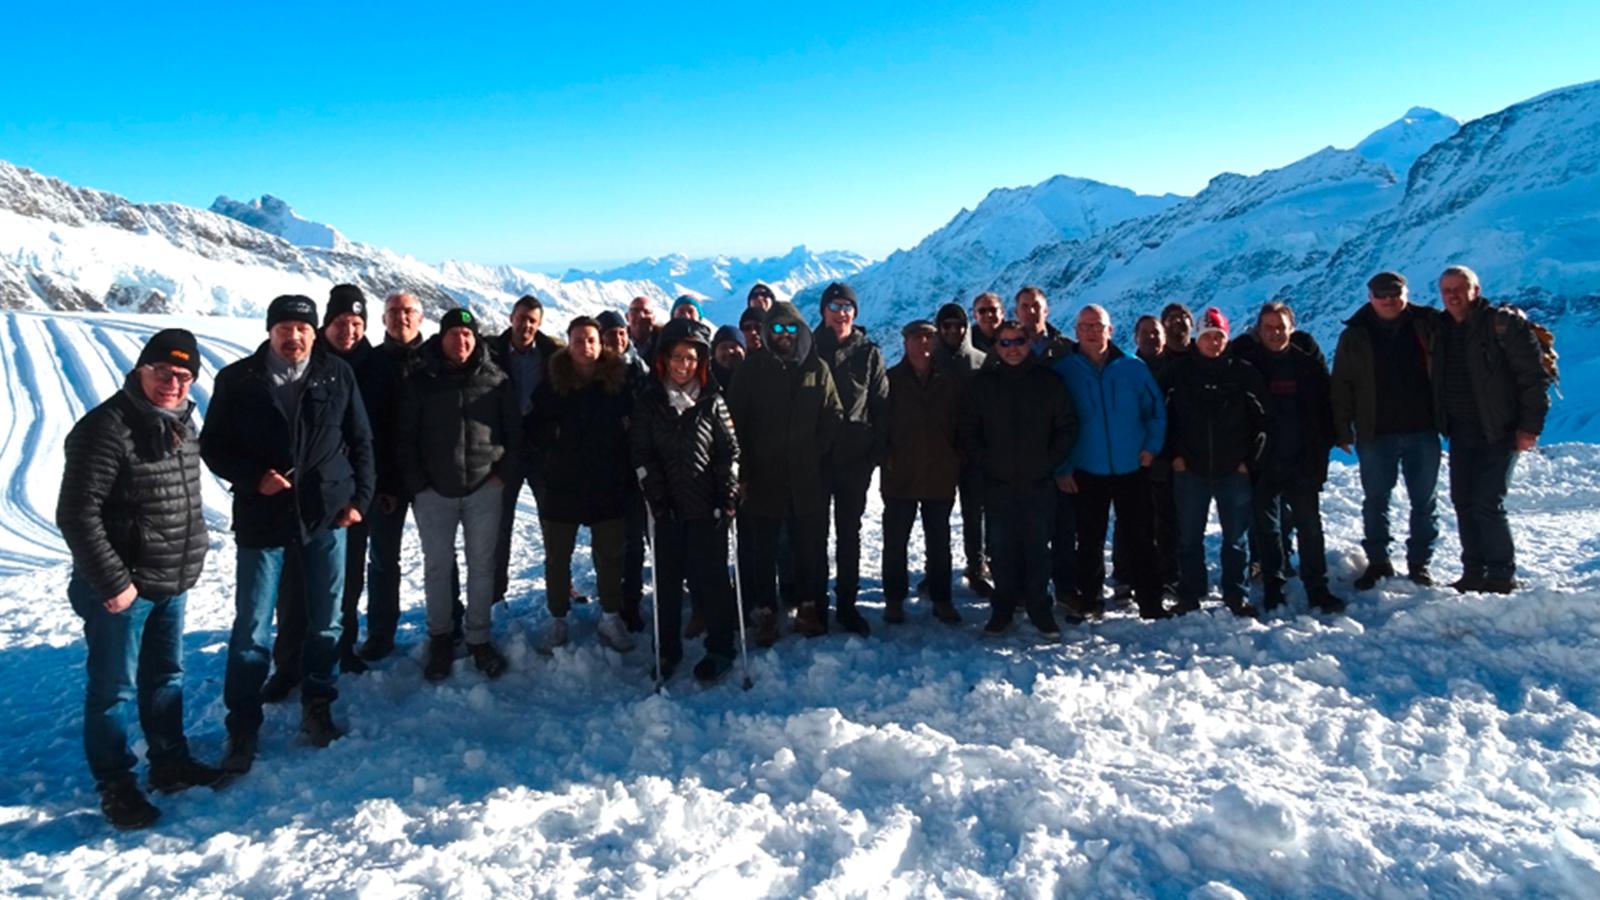 Die Kader der Diamantbohr Gruppe an der sonnigen, frischen Bergluft